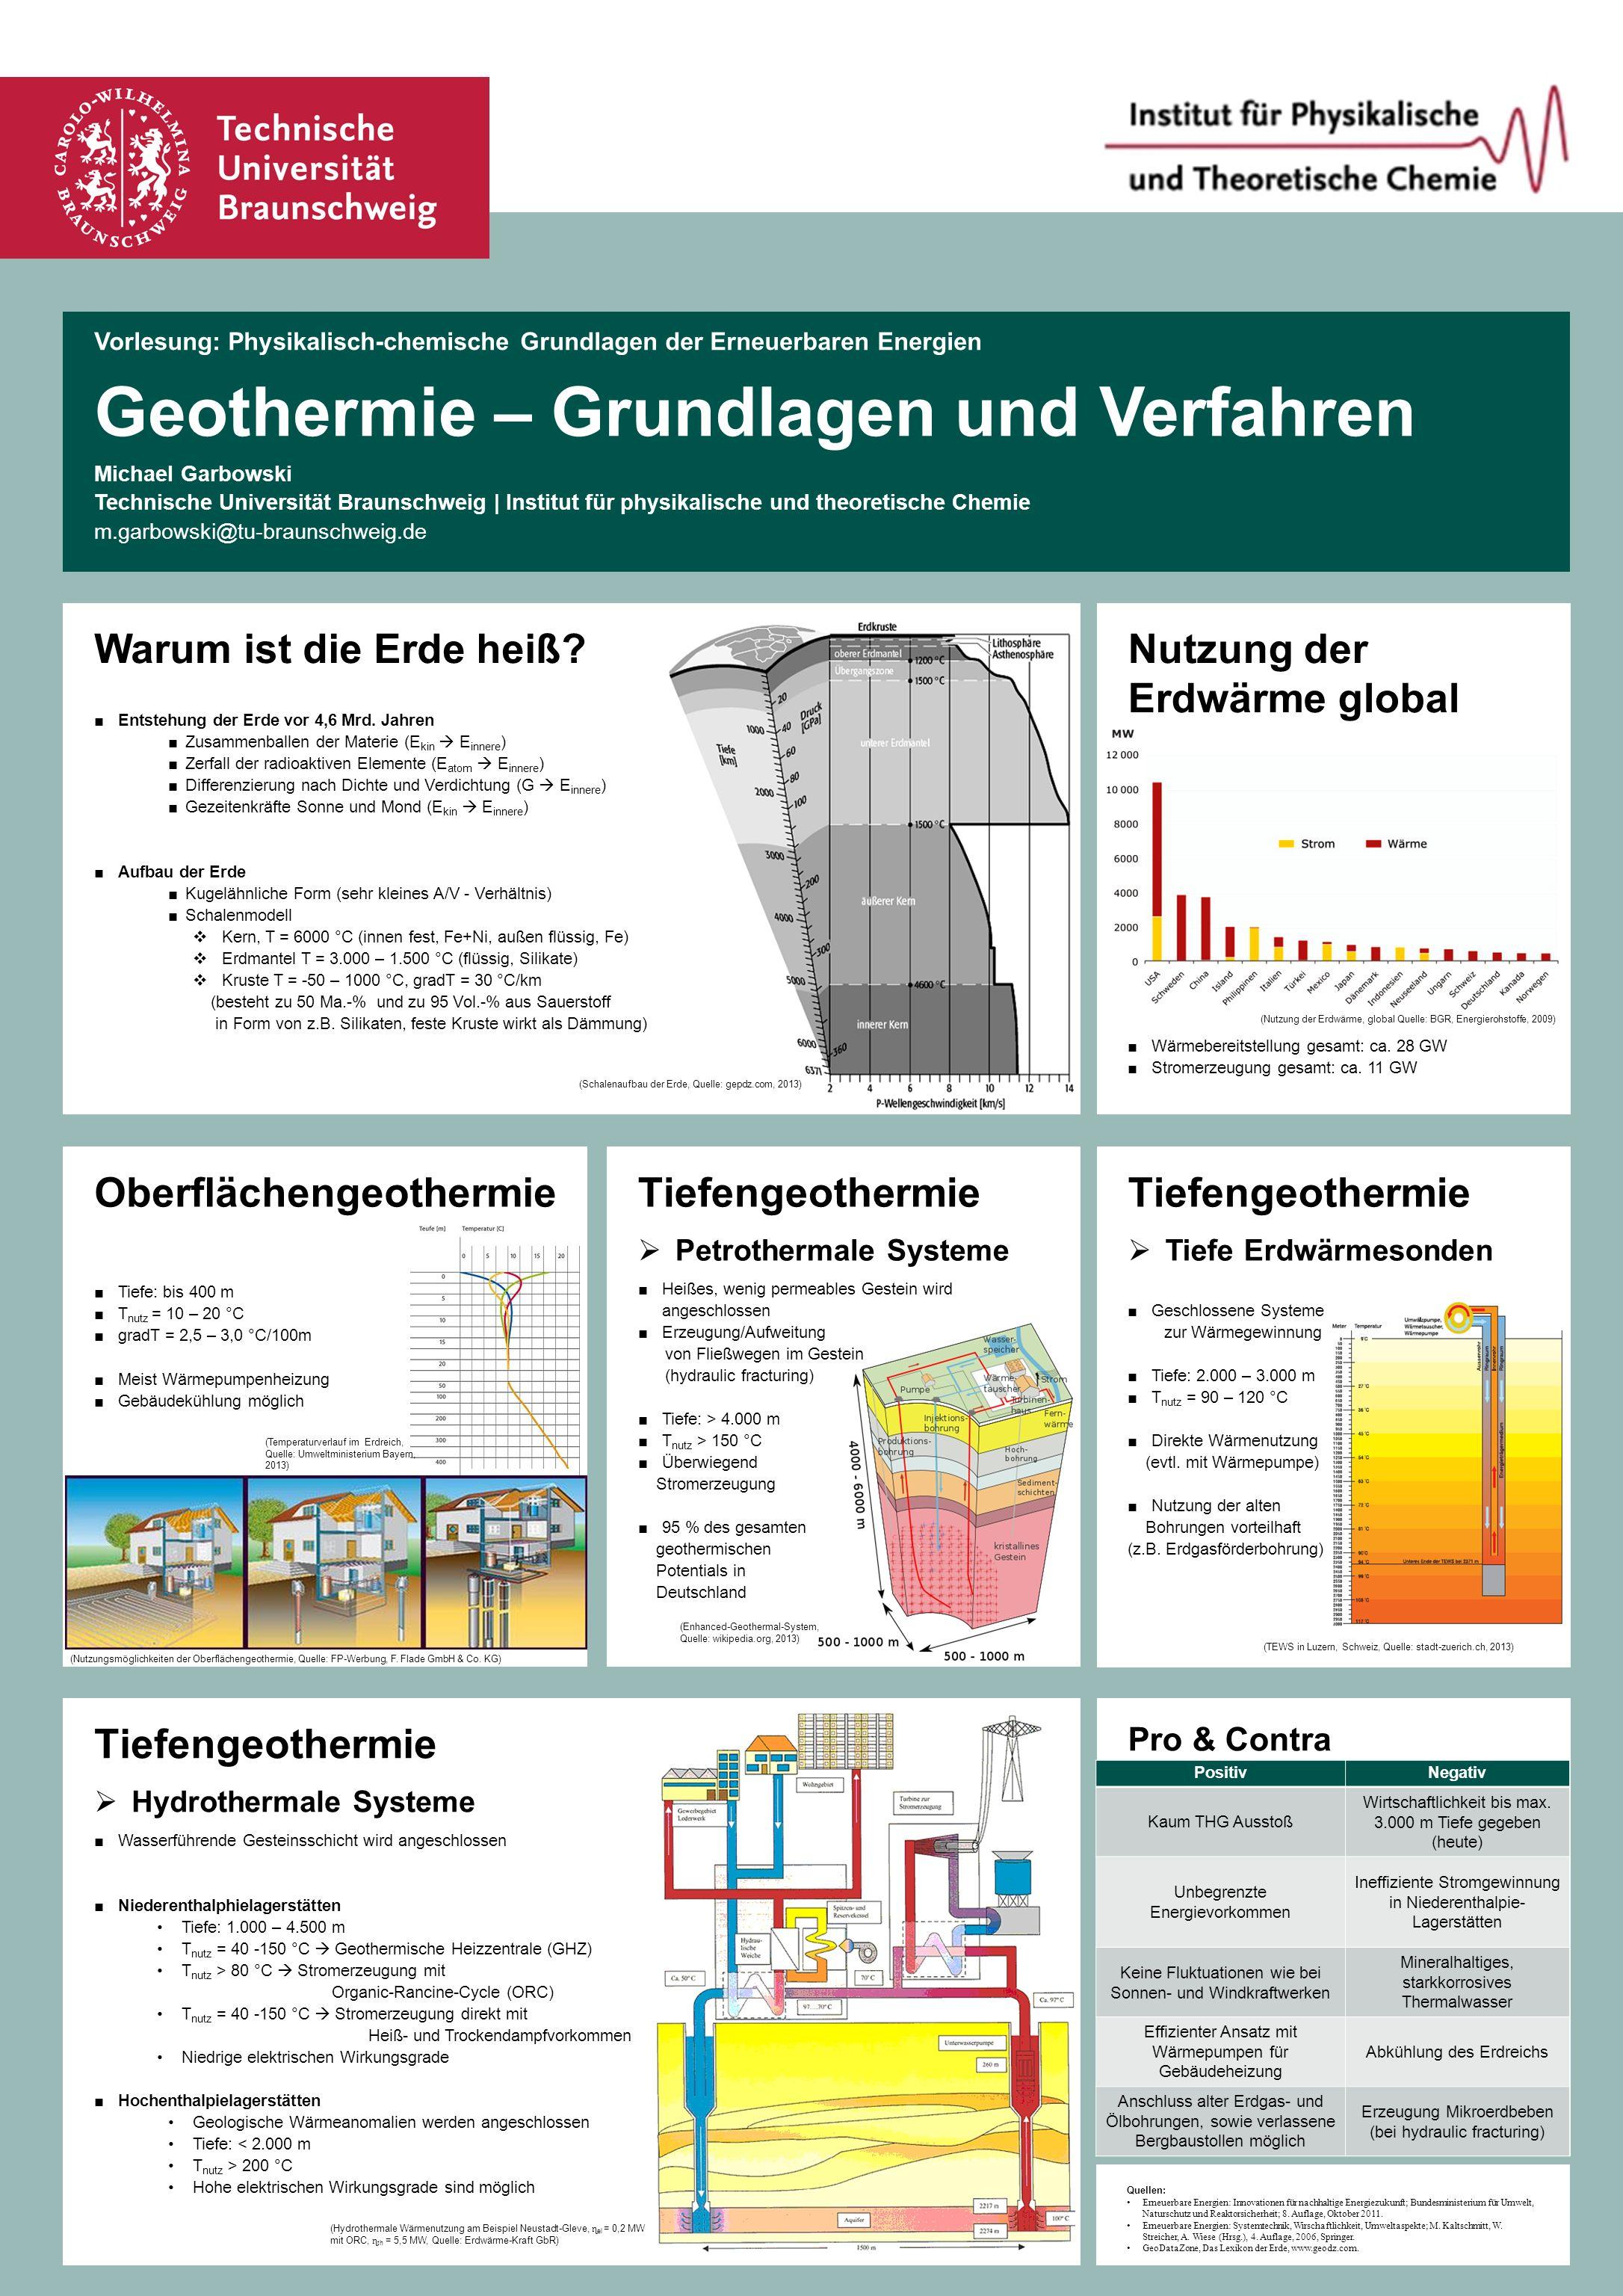 Geothermie – Grundlagen und Verfahren